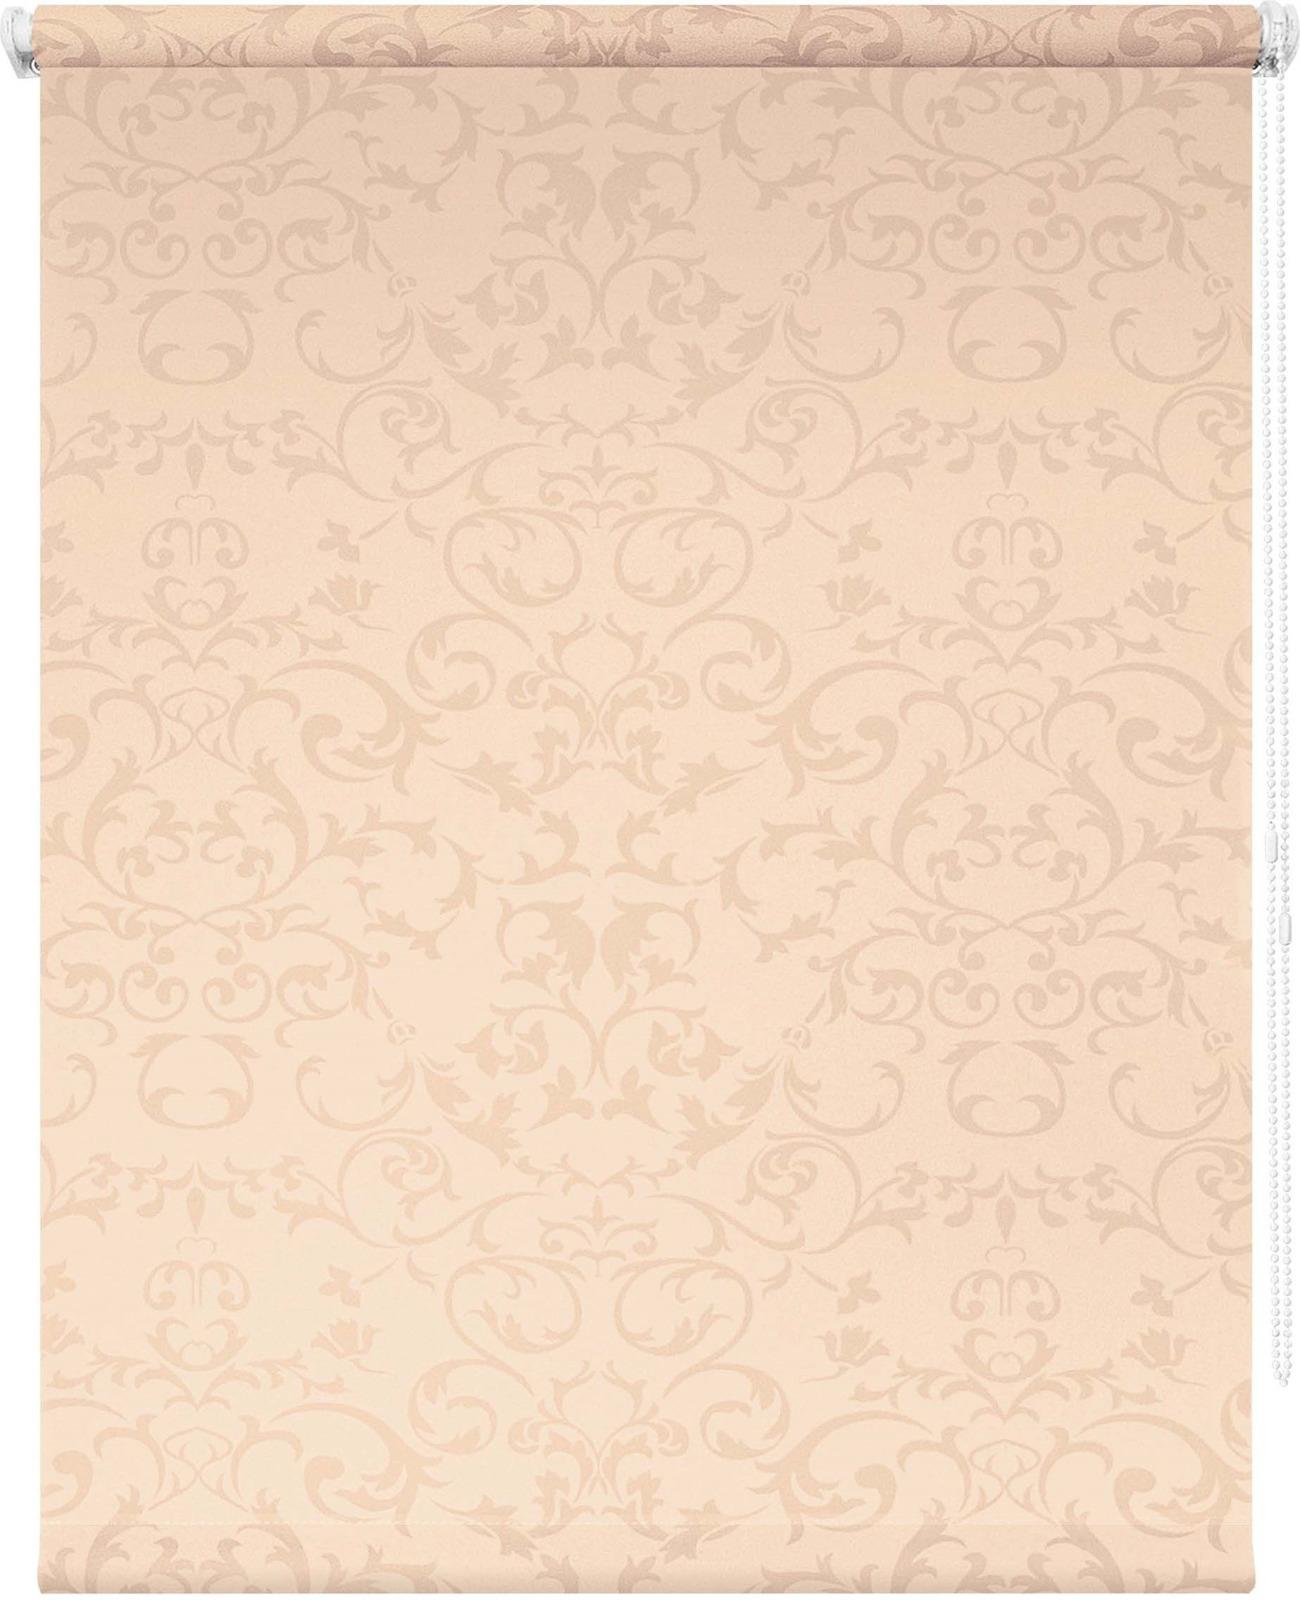 Штора рулонная Уют Дельфы, кремовый, ширина 90 см, высота 175 см62.РШТО.8352.090х175Штора рулонная Уют выполнена из прочного полиэстера с обработкой специальным составом, отталкивающим пыль. Ткань не выцветает, обладает отличной цветоустойчивостью и светонепроницаемостью. Штора закрывает не весь оконный проем, а непосредственно само стекло и может фиксироваться в любом положении. Она быстро убирается и надежно защищает от посторонних взглядов. Компактность помогает сэкономить пространство. Универсальная конструкция позволяет крепить штору на раму без сверления, также можно монтировать на стену, потолок, створки, в проем, ниши, на деревянные или пластиковые рамы. В комплект входят регулируемые установочные кронштейны и набор для боковой фиксации шторы. Возможна установка с управлением цепочкой как справа, так и слева. Изделие при желании можно самостоятельно уменьшить. Такая штора станет прекрасным элементом декора окна и гармонично впишется в интерьер любого помещения.